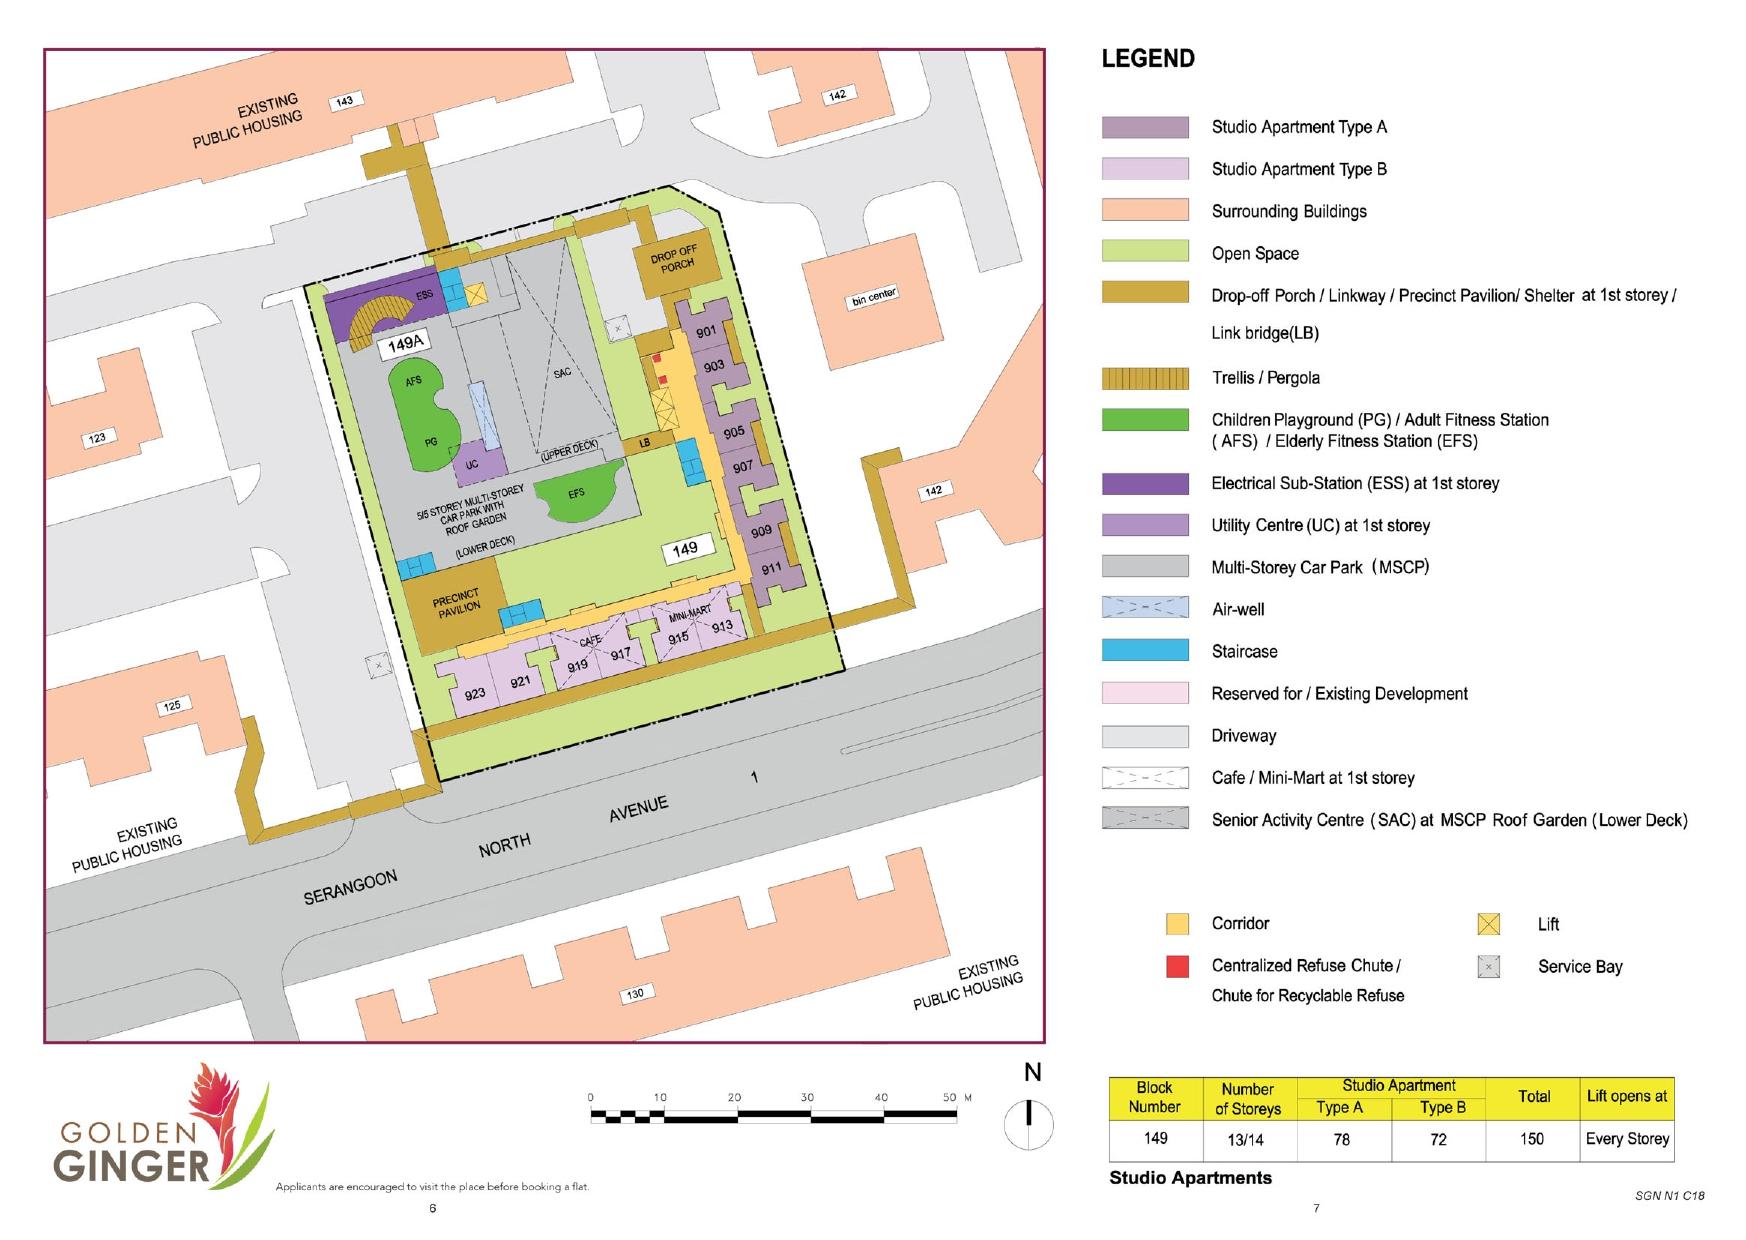 Golden Ginger Site Plan